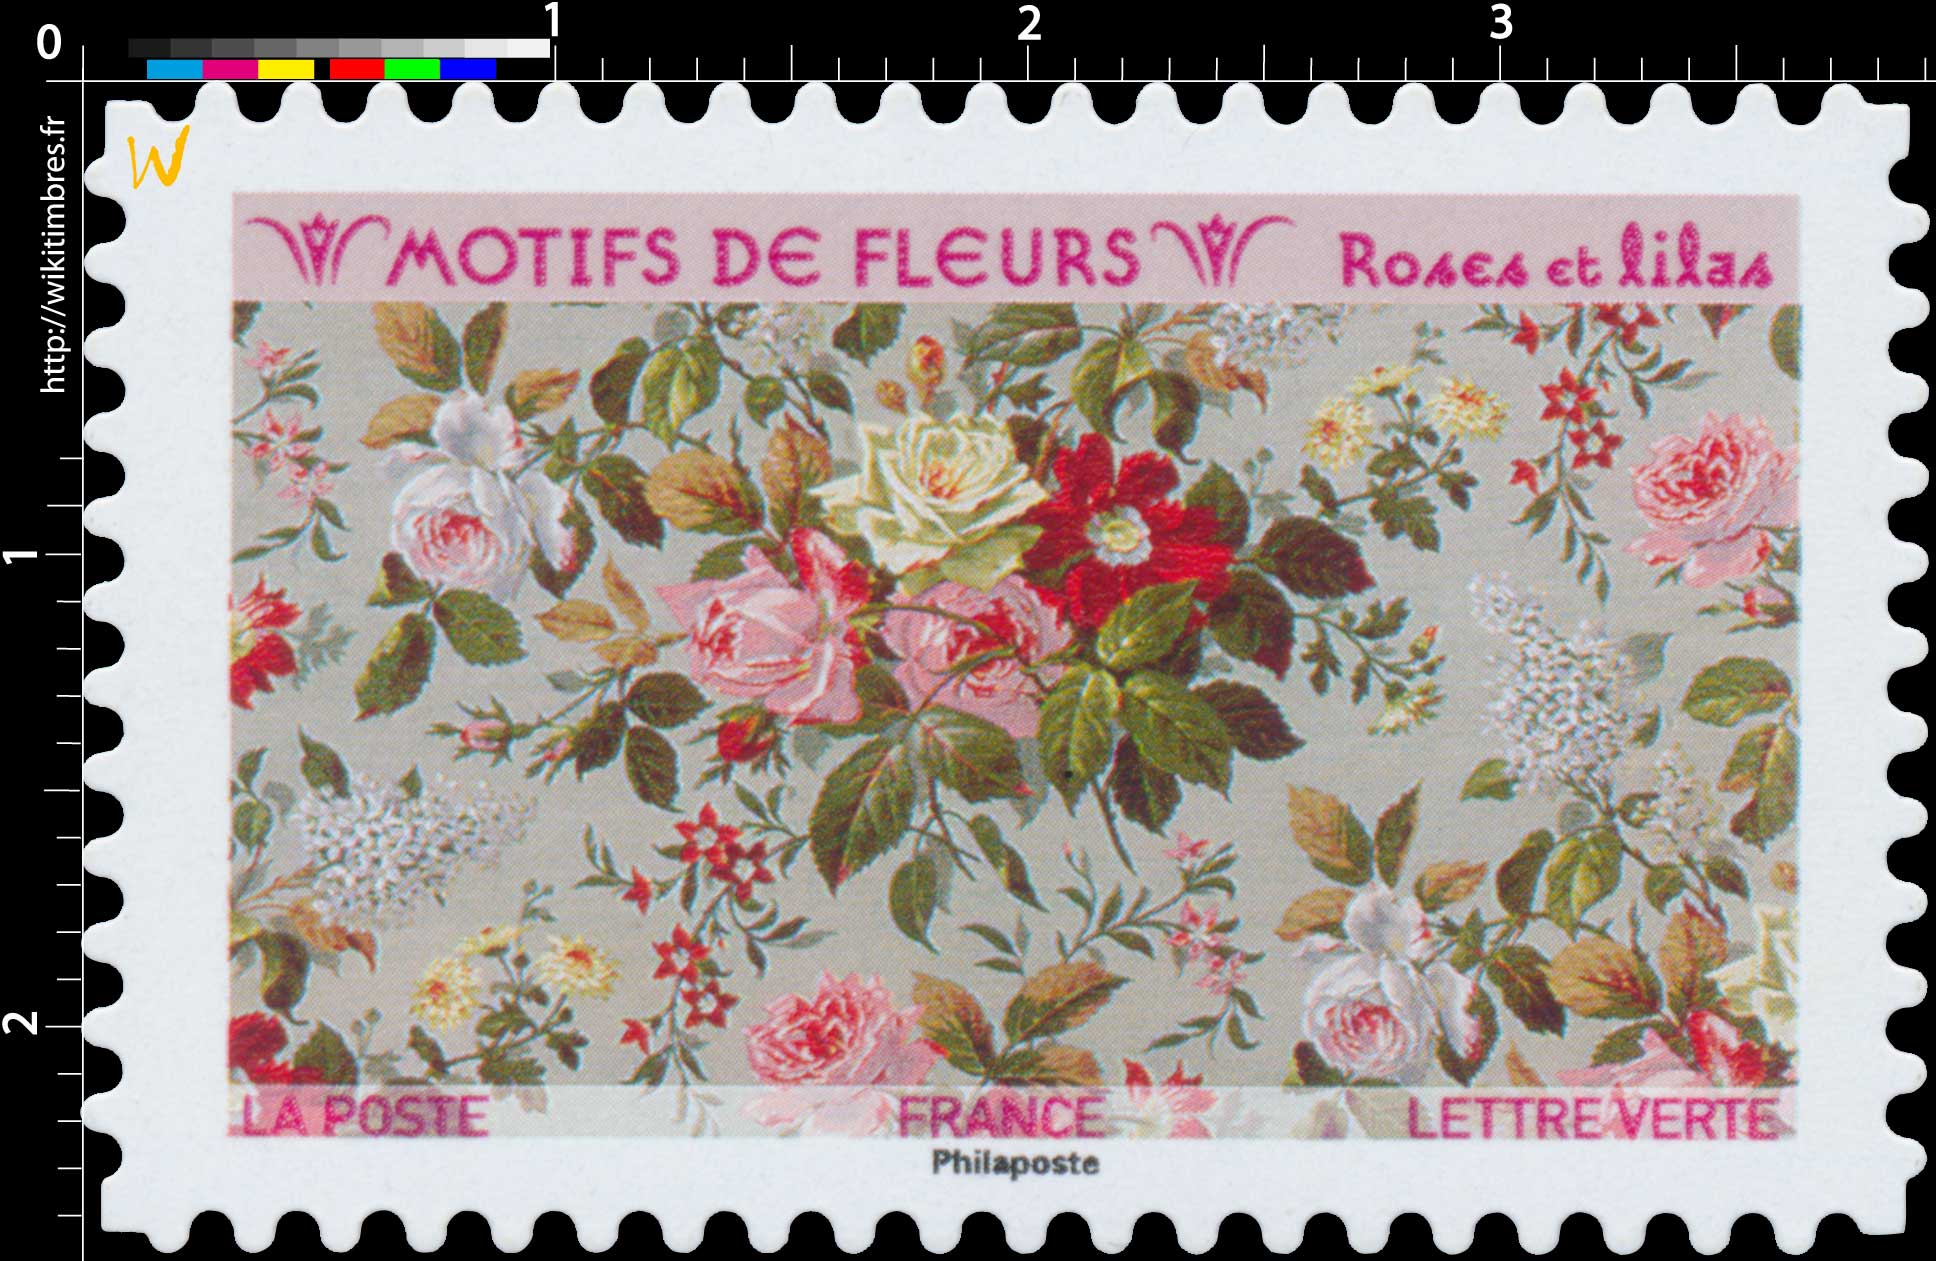 2021 Motifs de fleurs - Roses et lilas